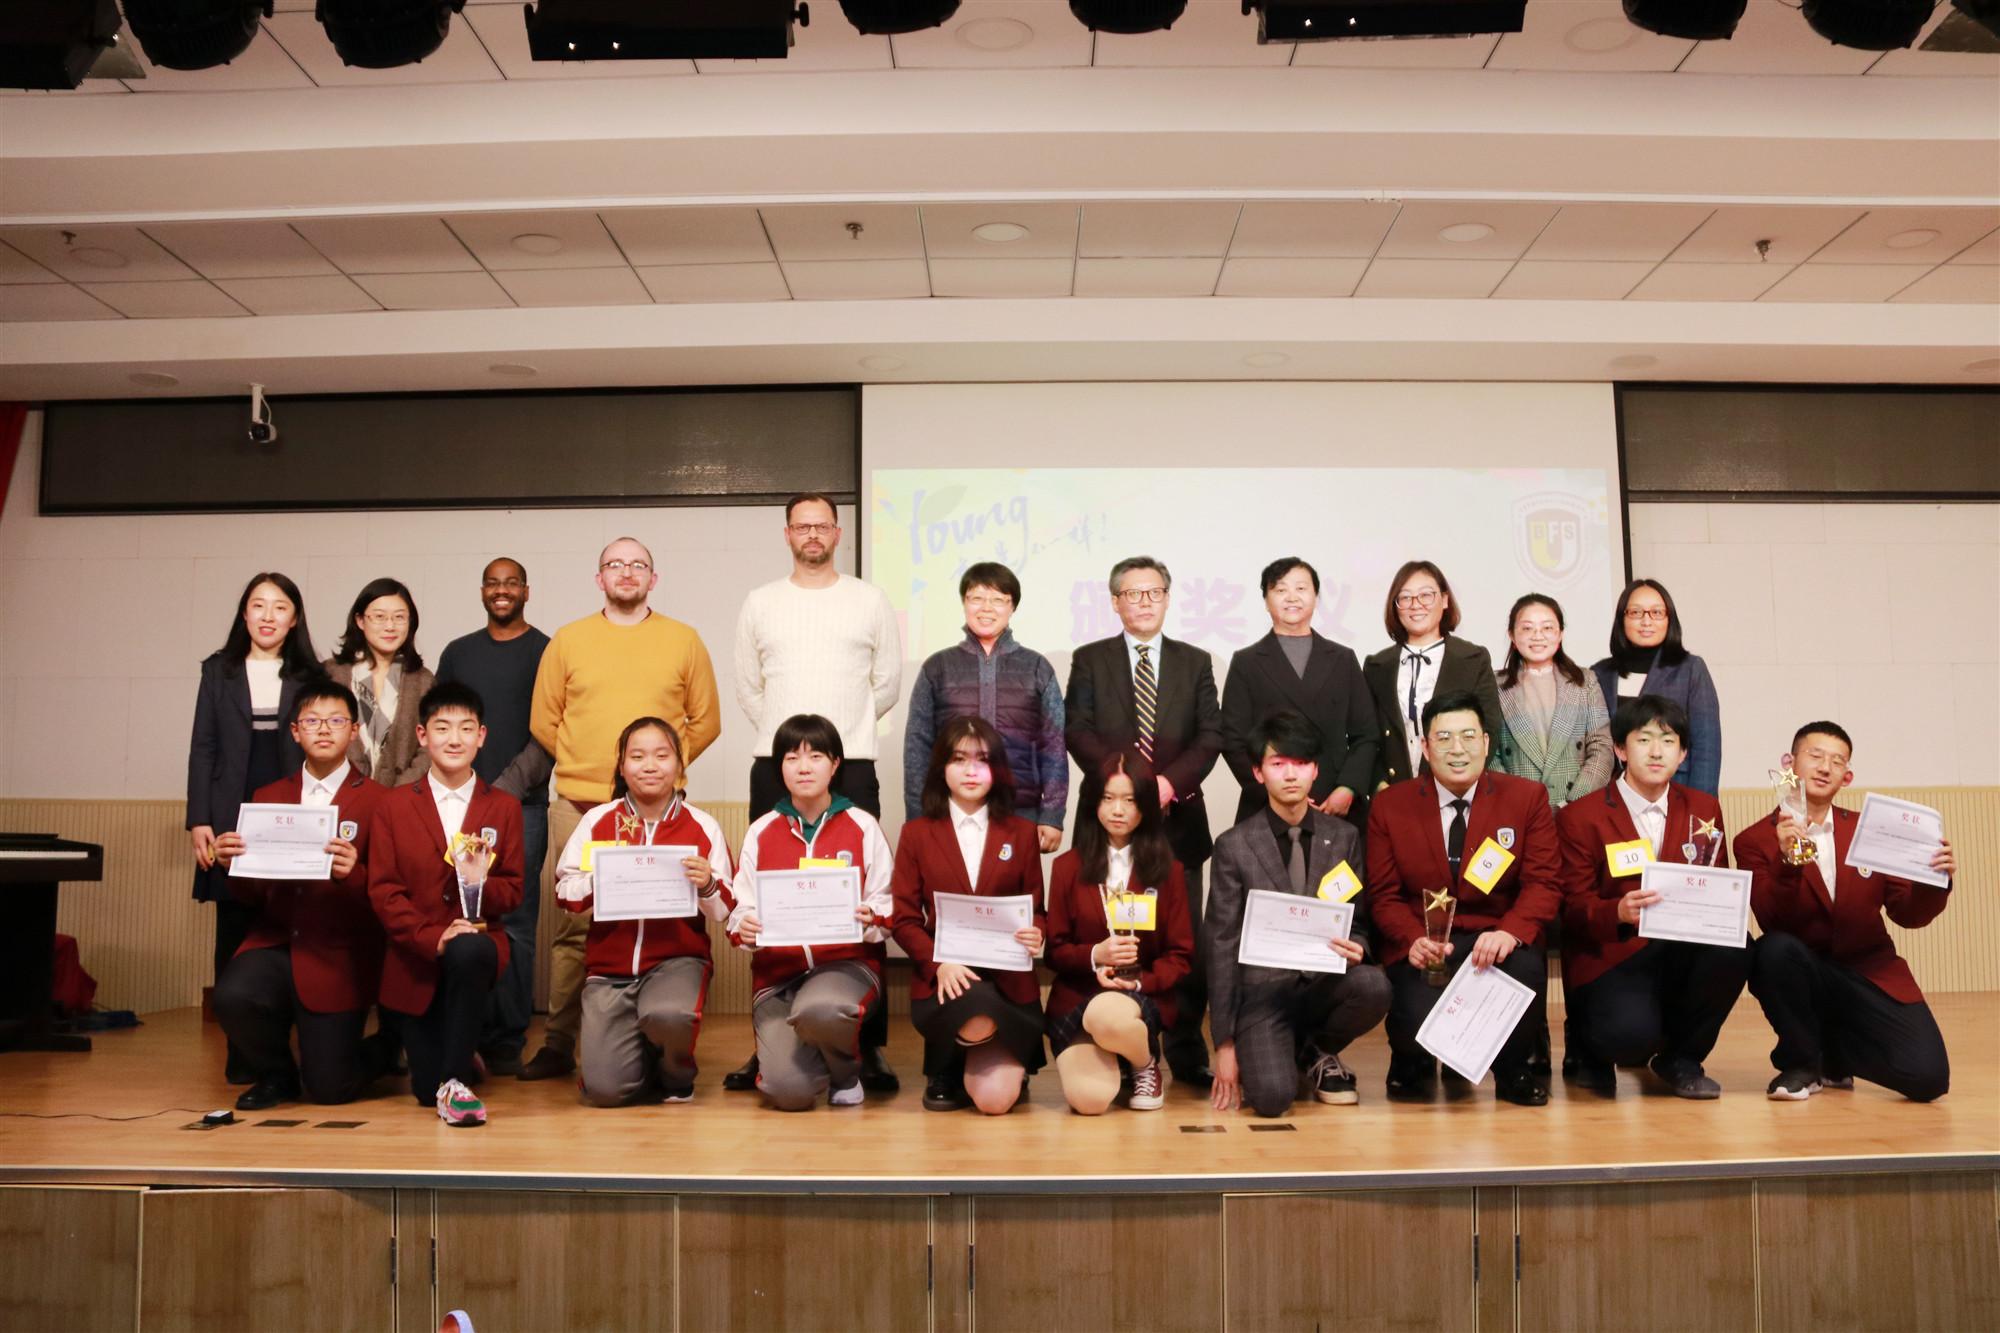 北京外国语大学国际高中第二届英语演讲比赛圆满落幕